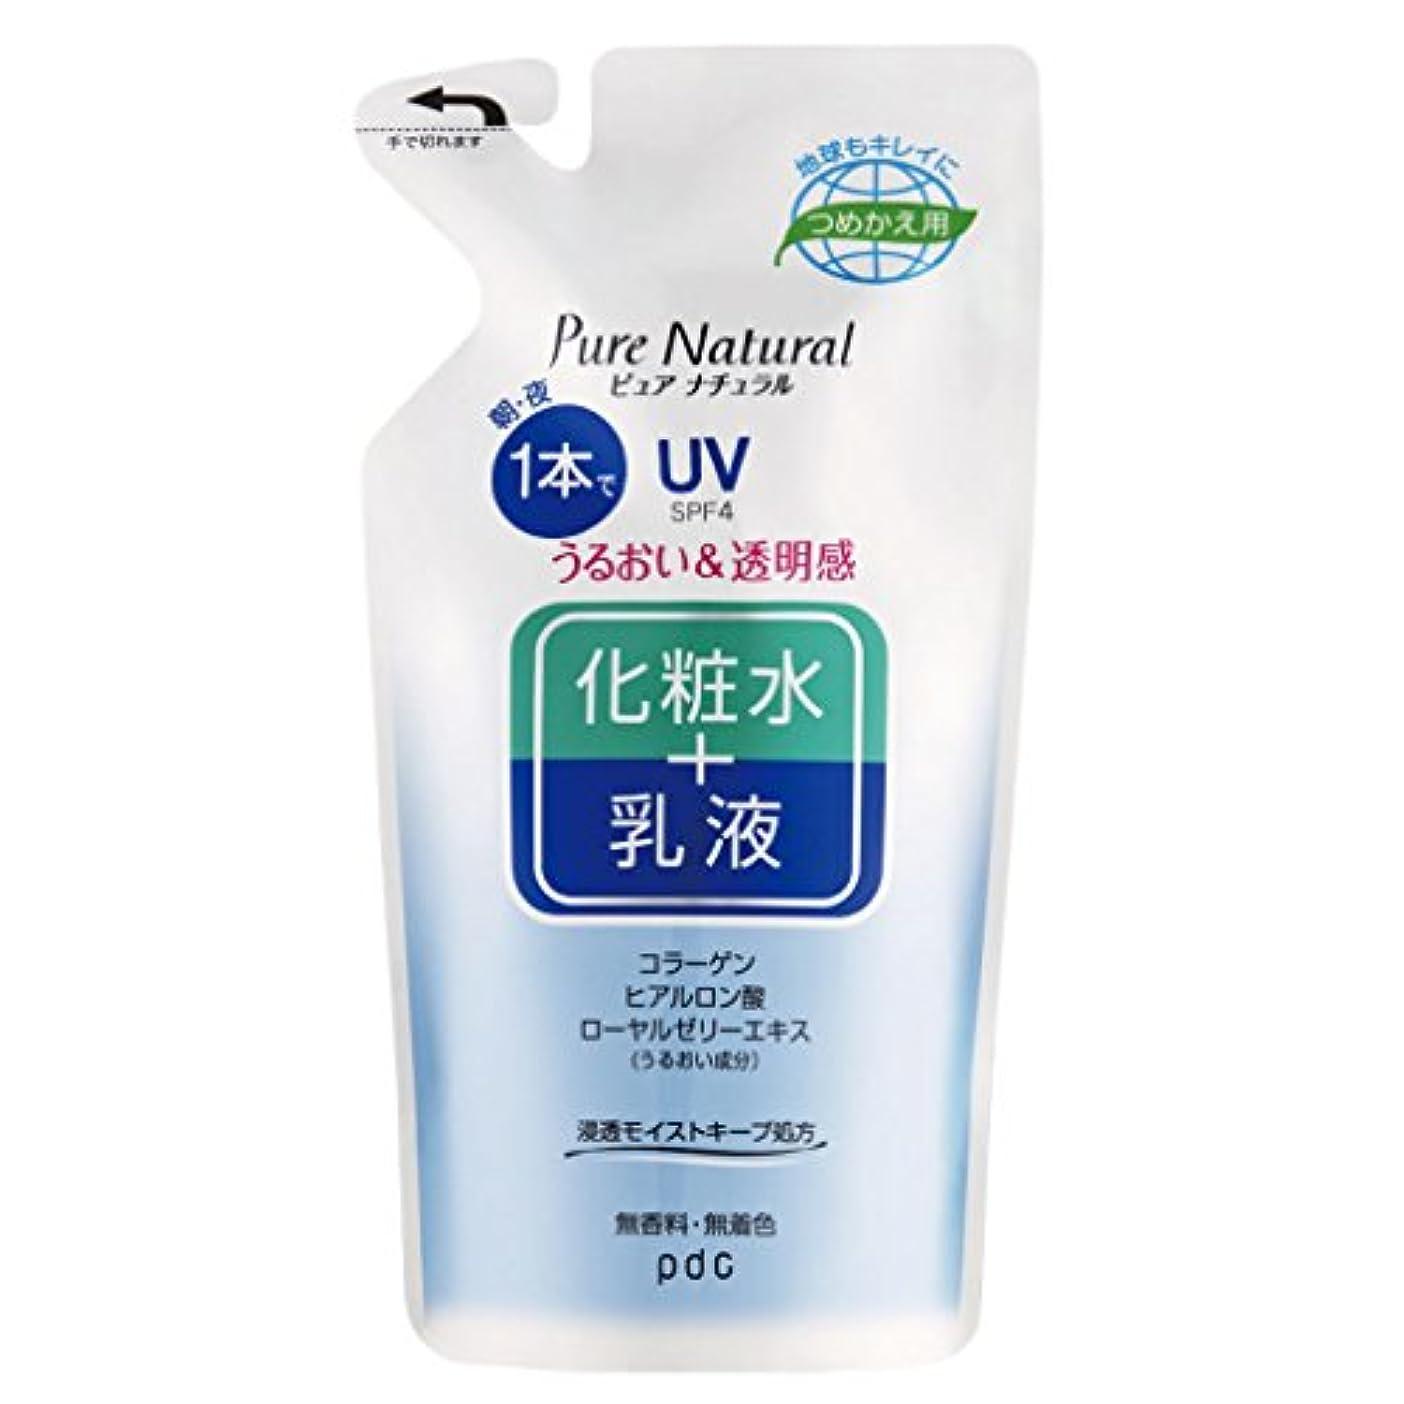 チェリー散らす取得Pure NATURAL(ピュアナチュラル) エッセンスローション UV (つめかえ用) 200mL